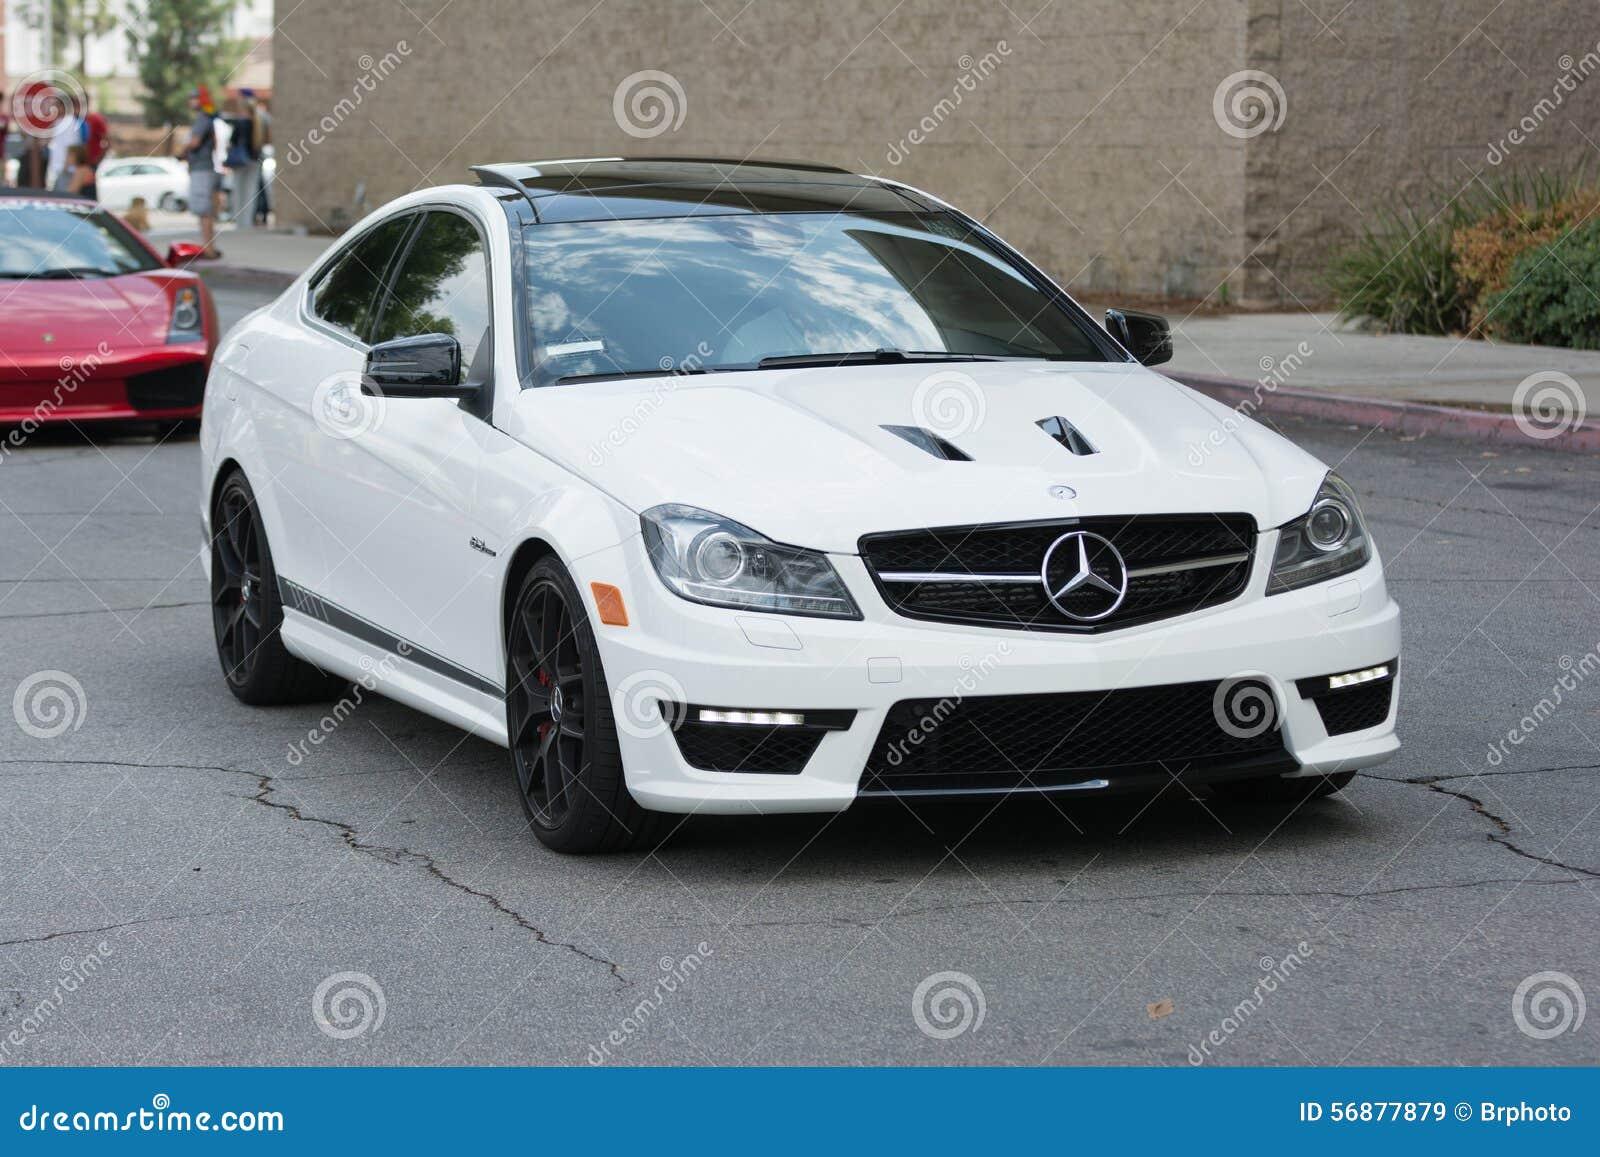 Автомобиль Benz c63 AMG Мерседес на дисплее